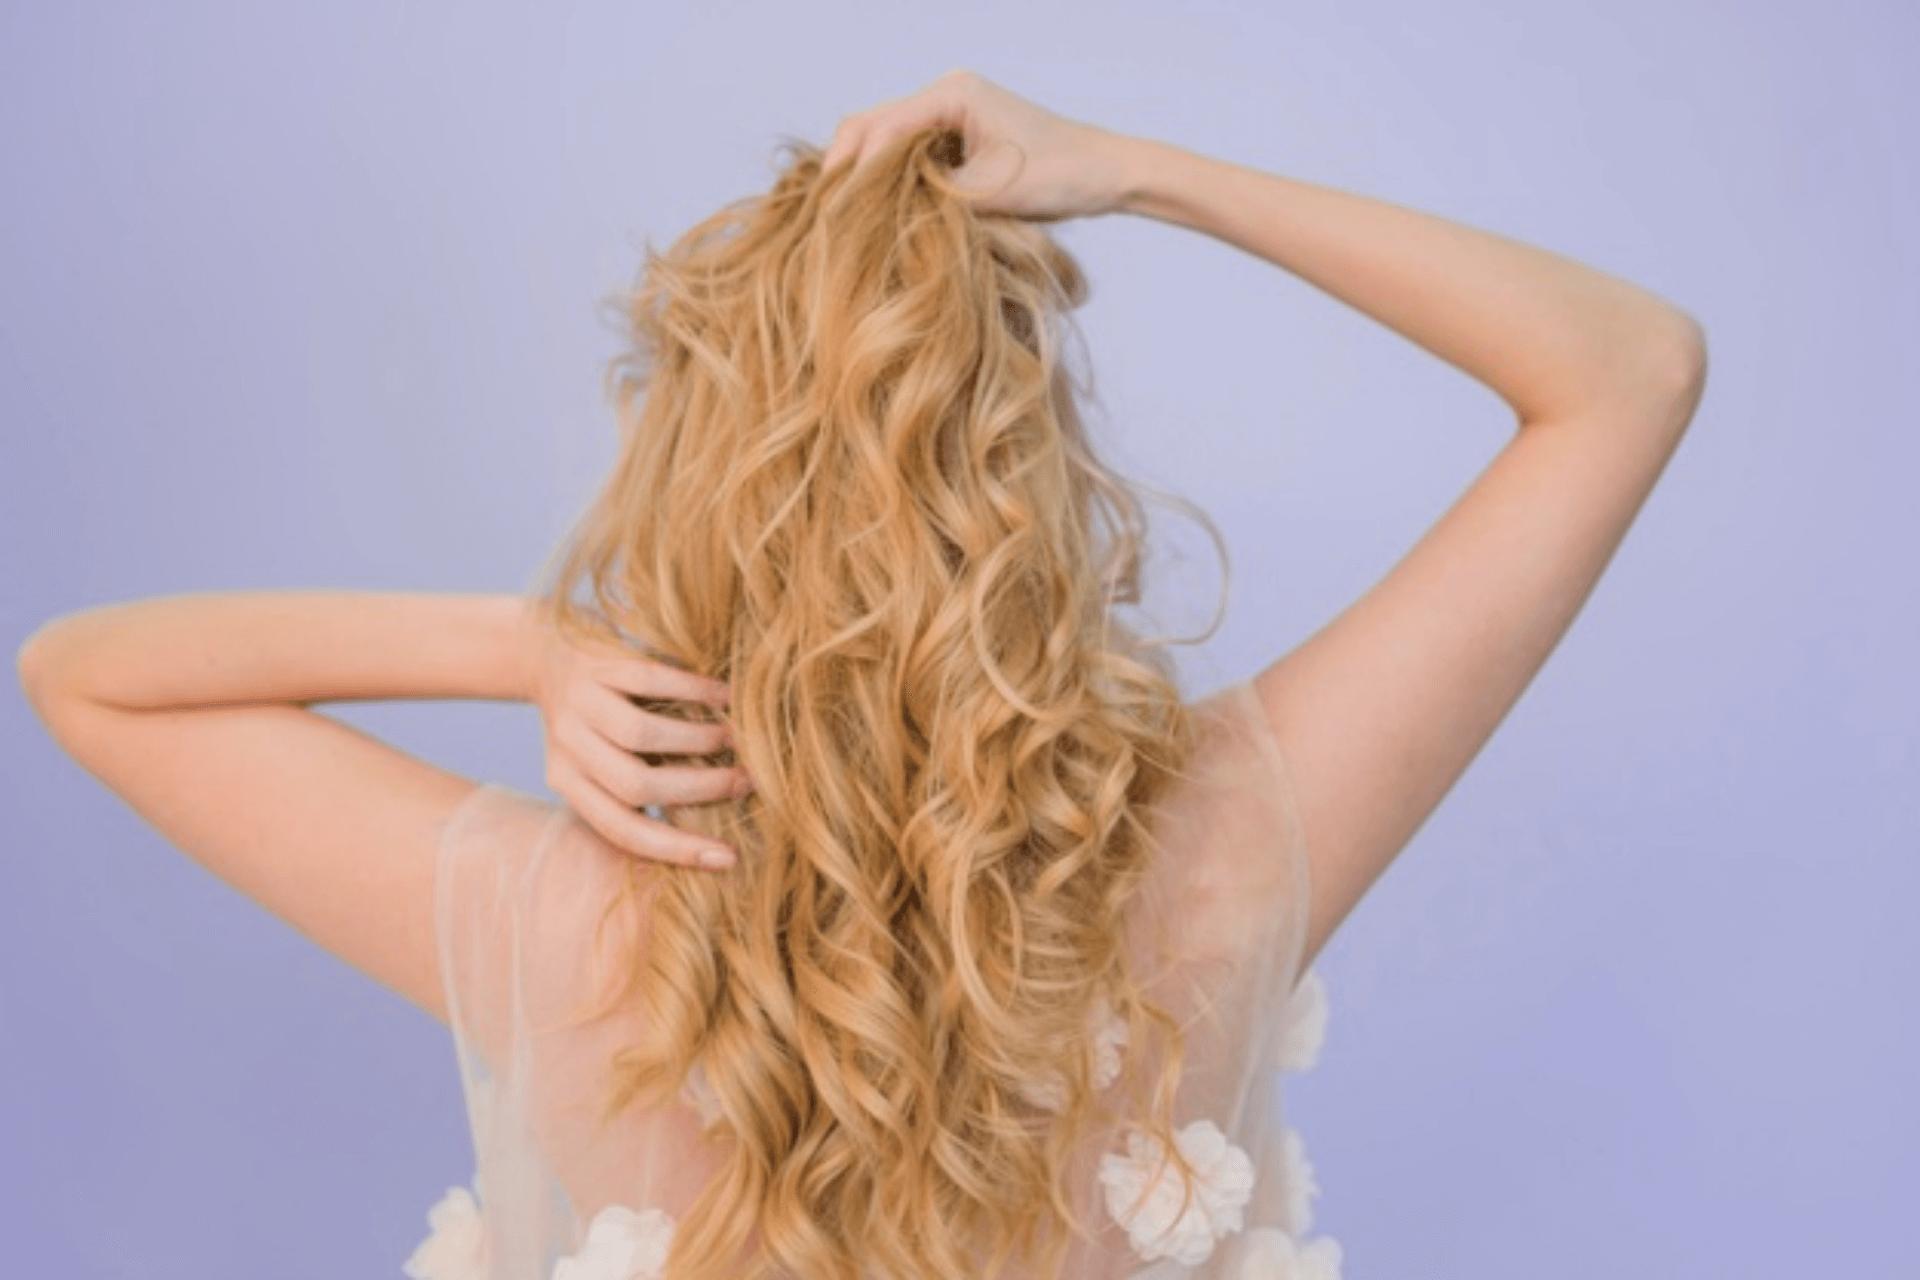 8 dicas para fazer o cabelo crescer mais forte e rápido